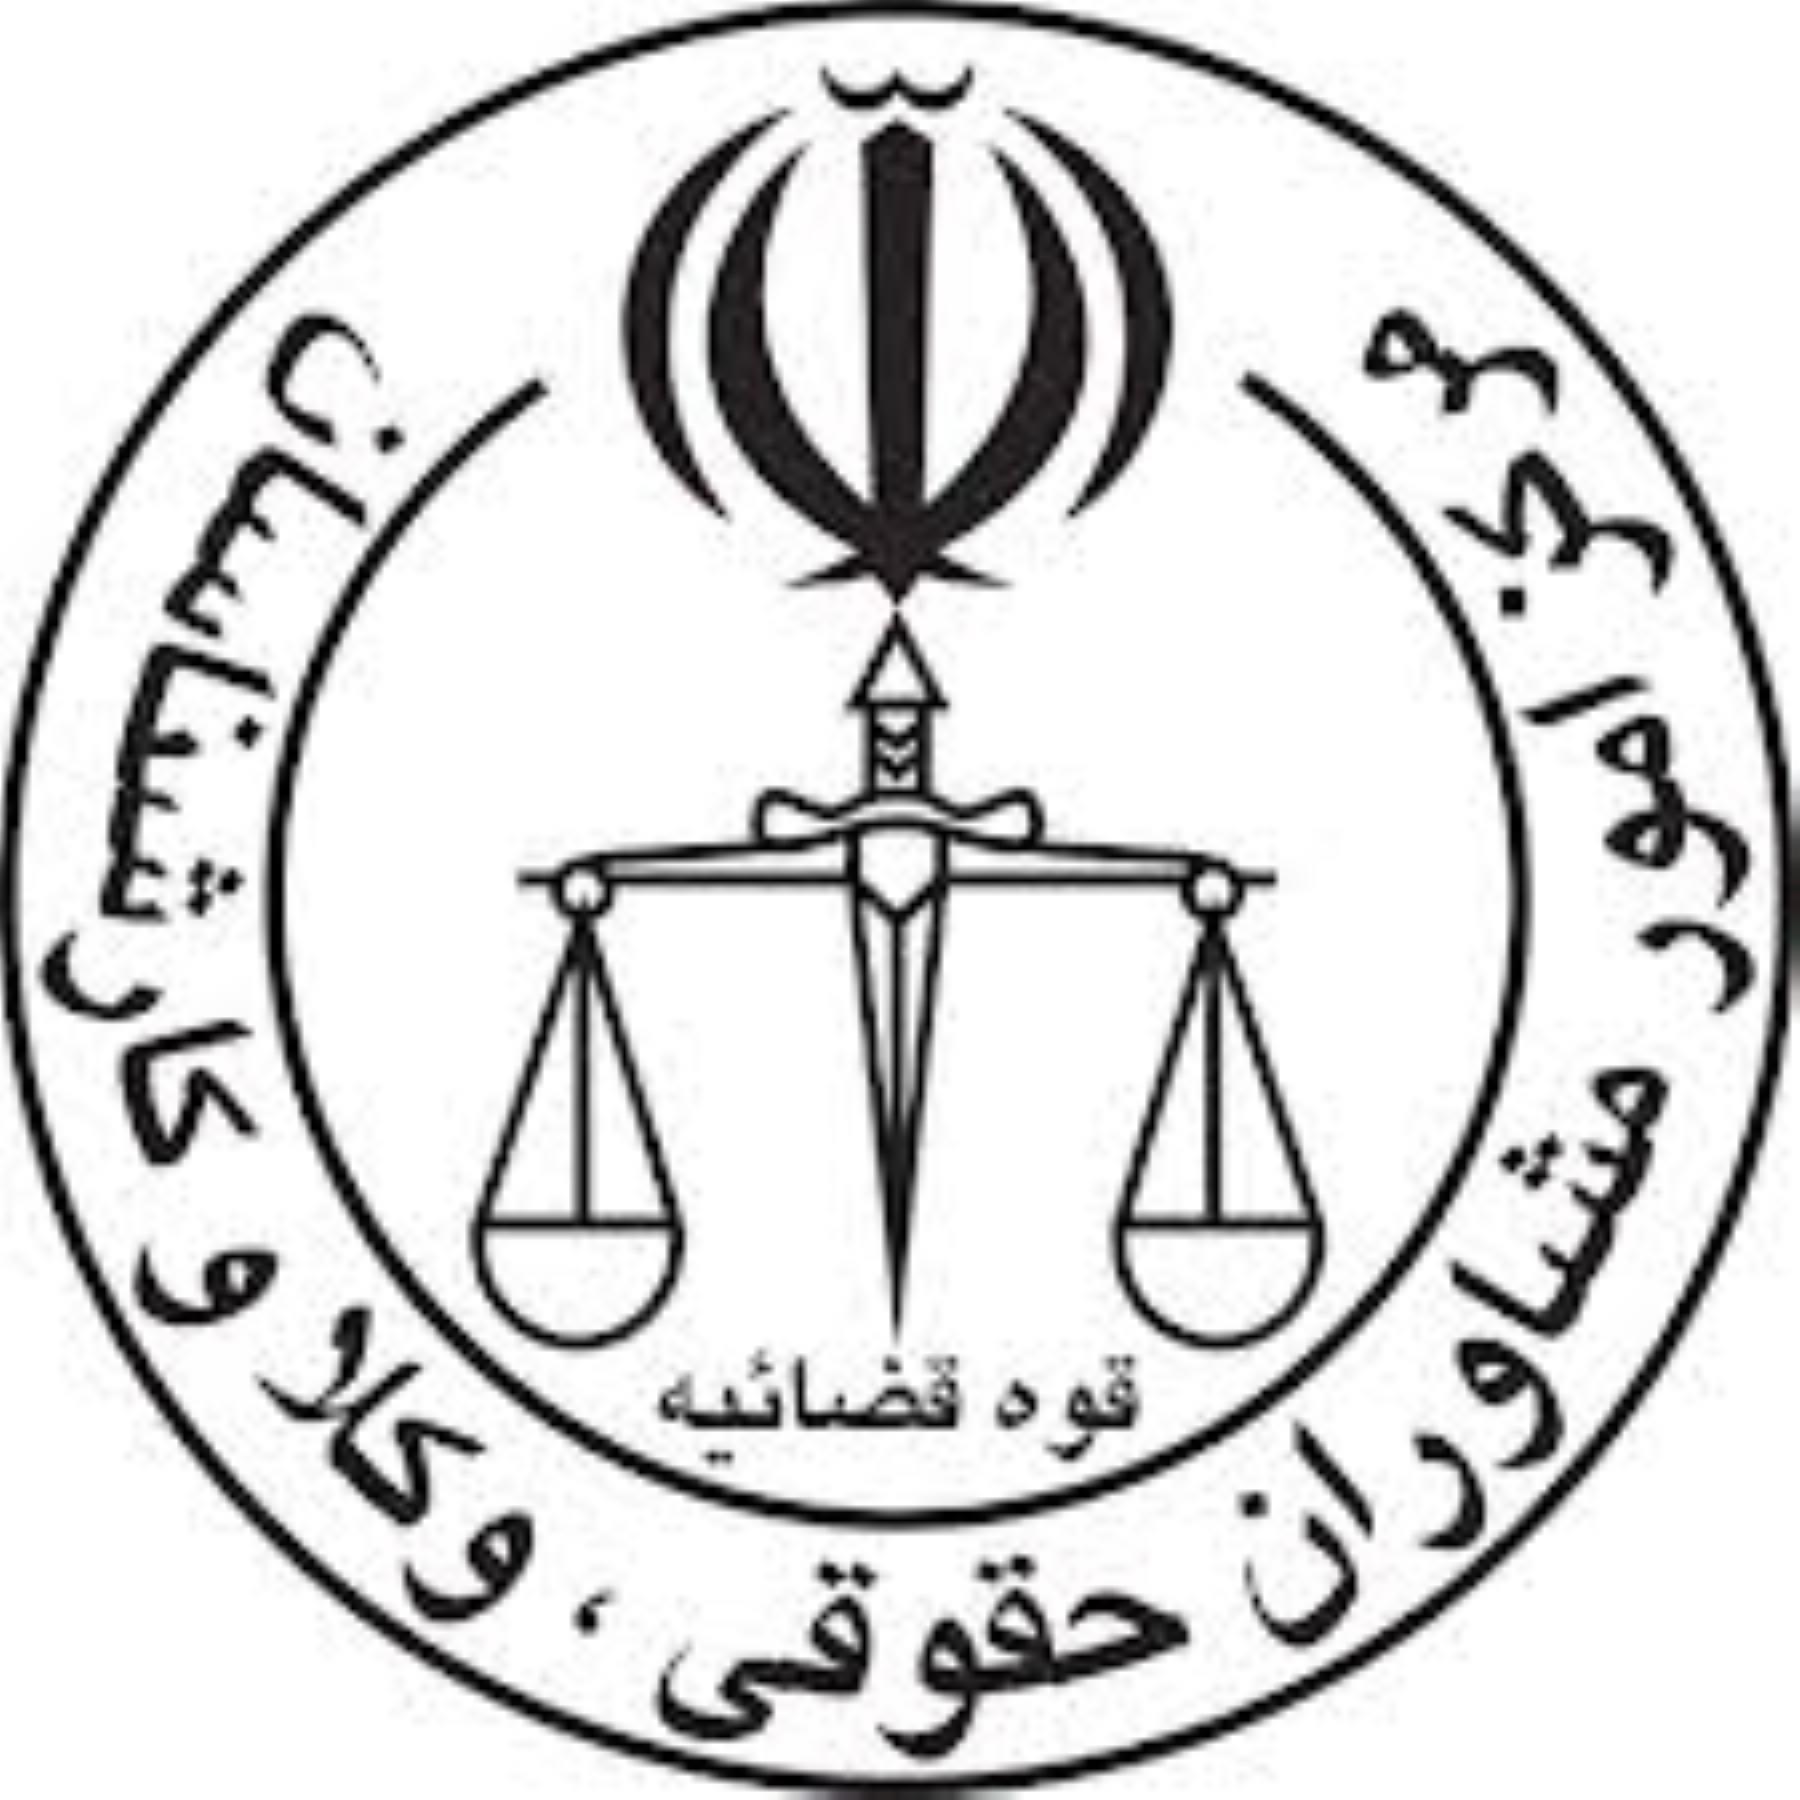 نشان سابق مرکز مشاوران  قوه قضائیه